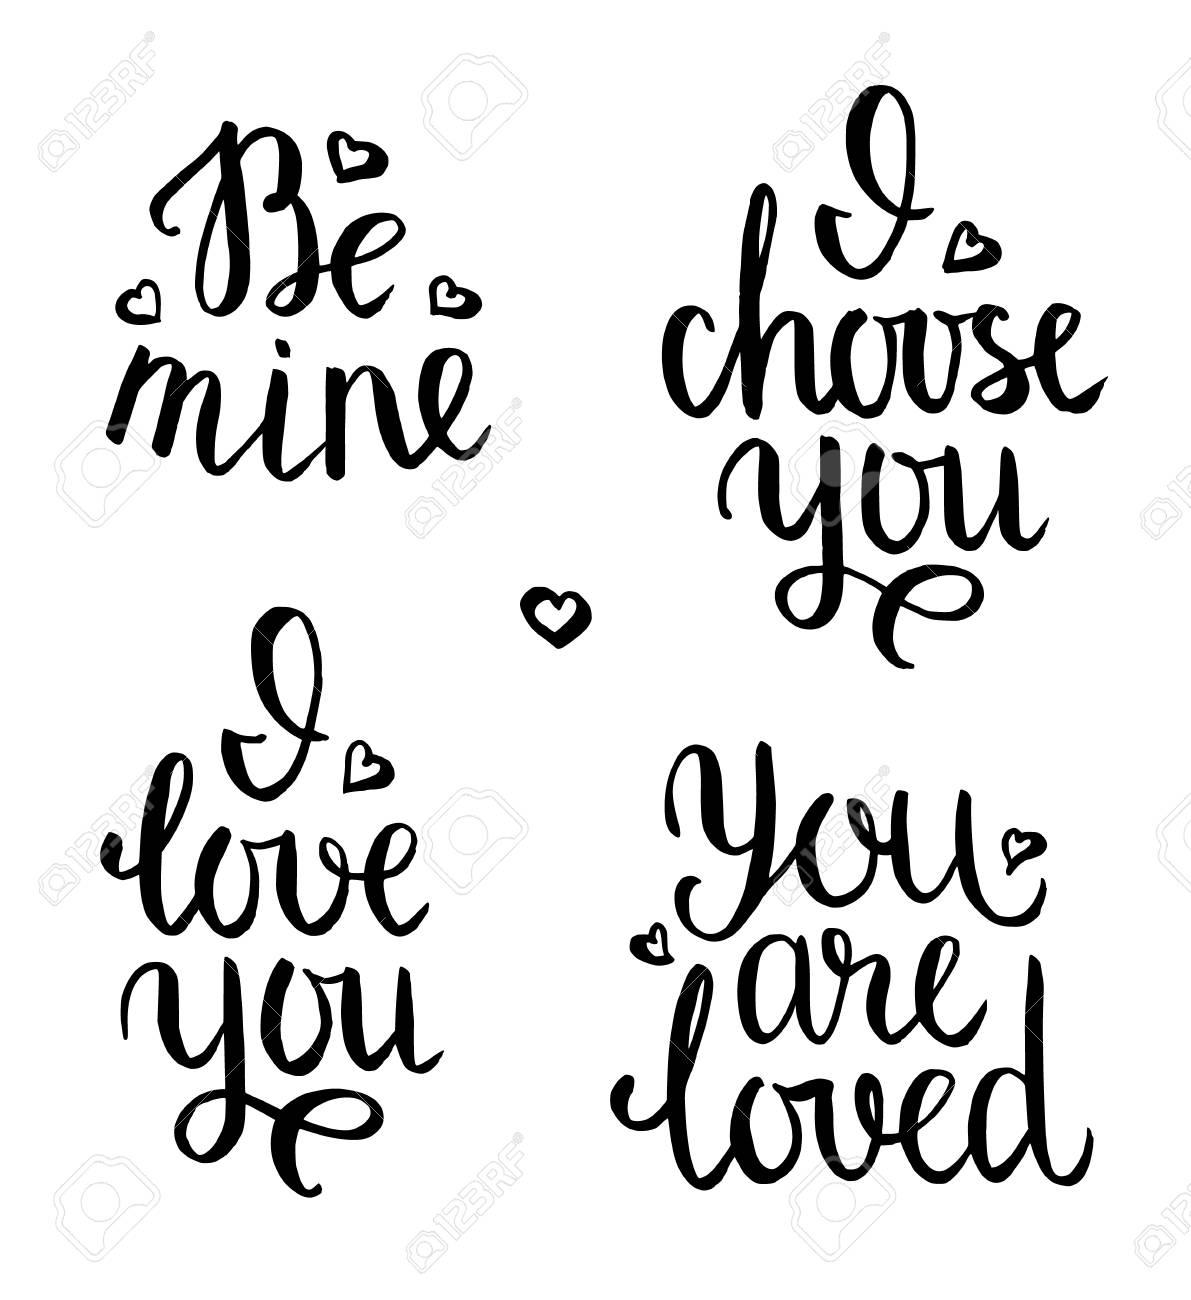 Frases Desenhadas Mão Conjunto De Letras Românticas Citações Positivas Do Dia Dos Namorados Seja Meu Eu Te Amo Você é Amado Eu Escolho Você